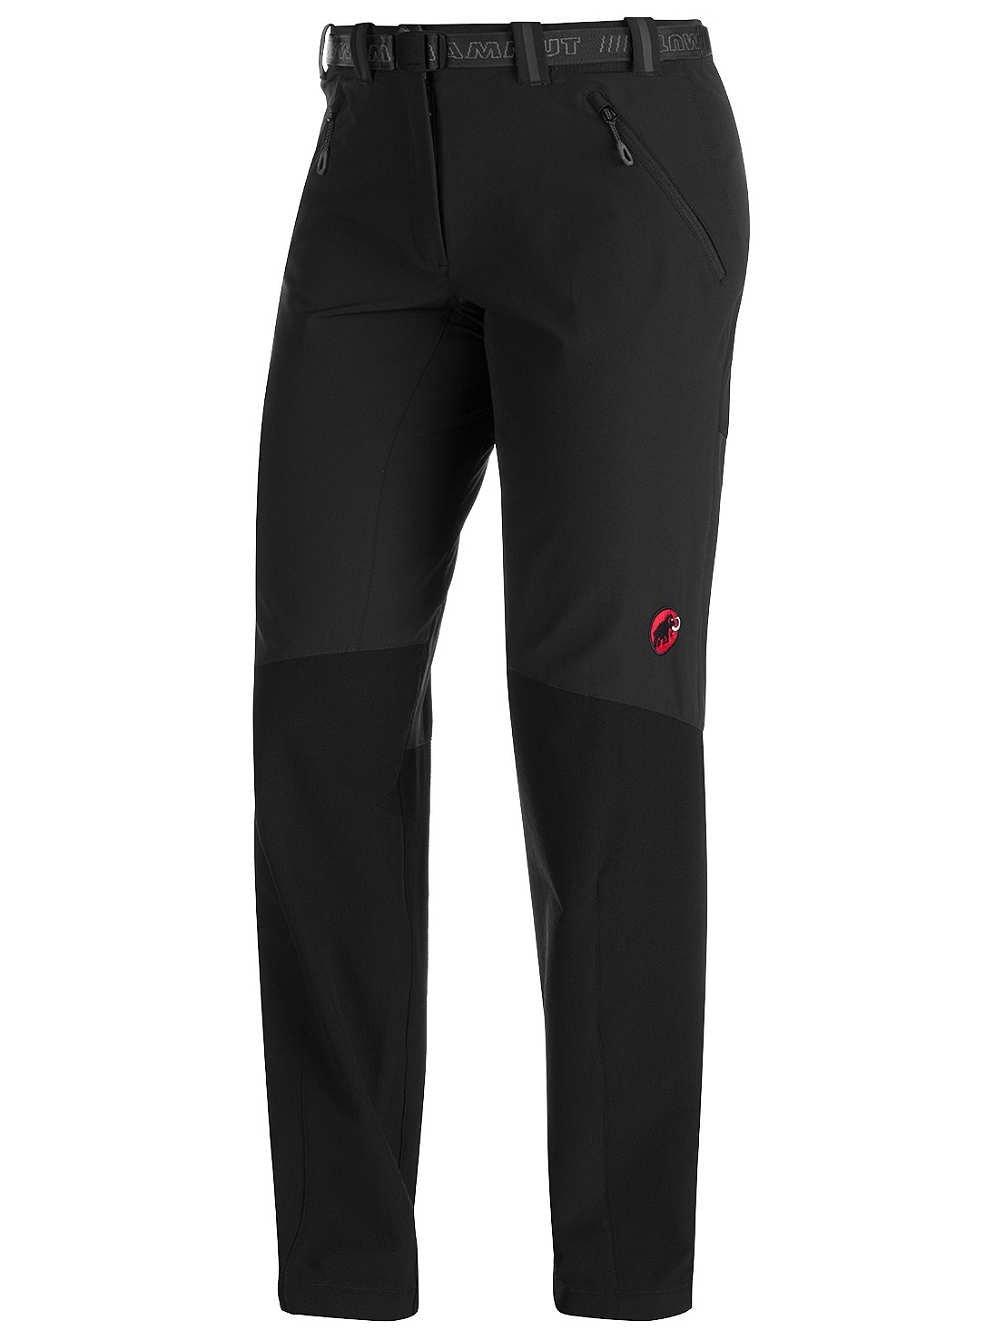 Mammut Courmayeur Pantalon Softshell pour Femme noir